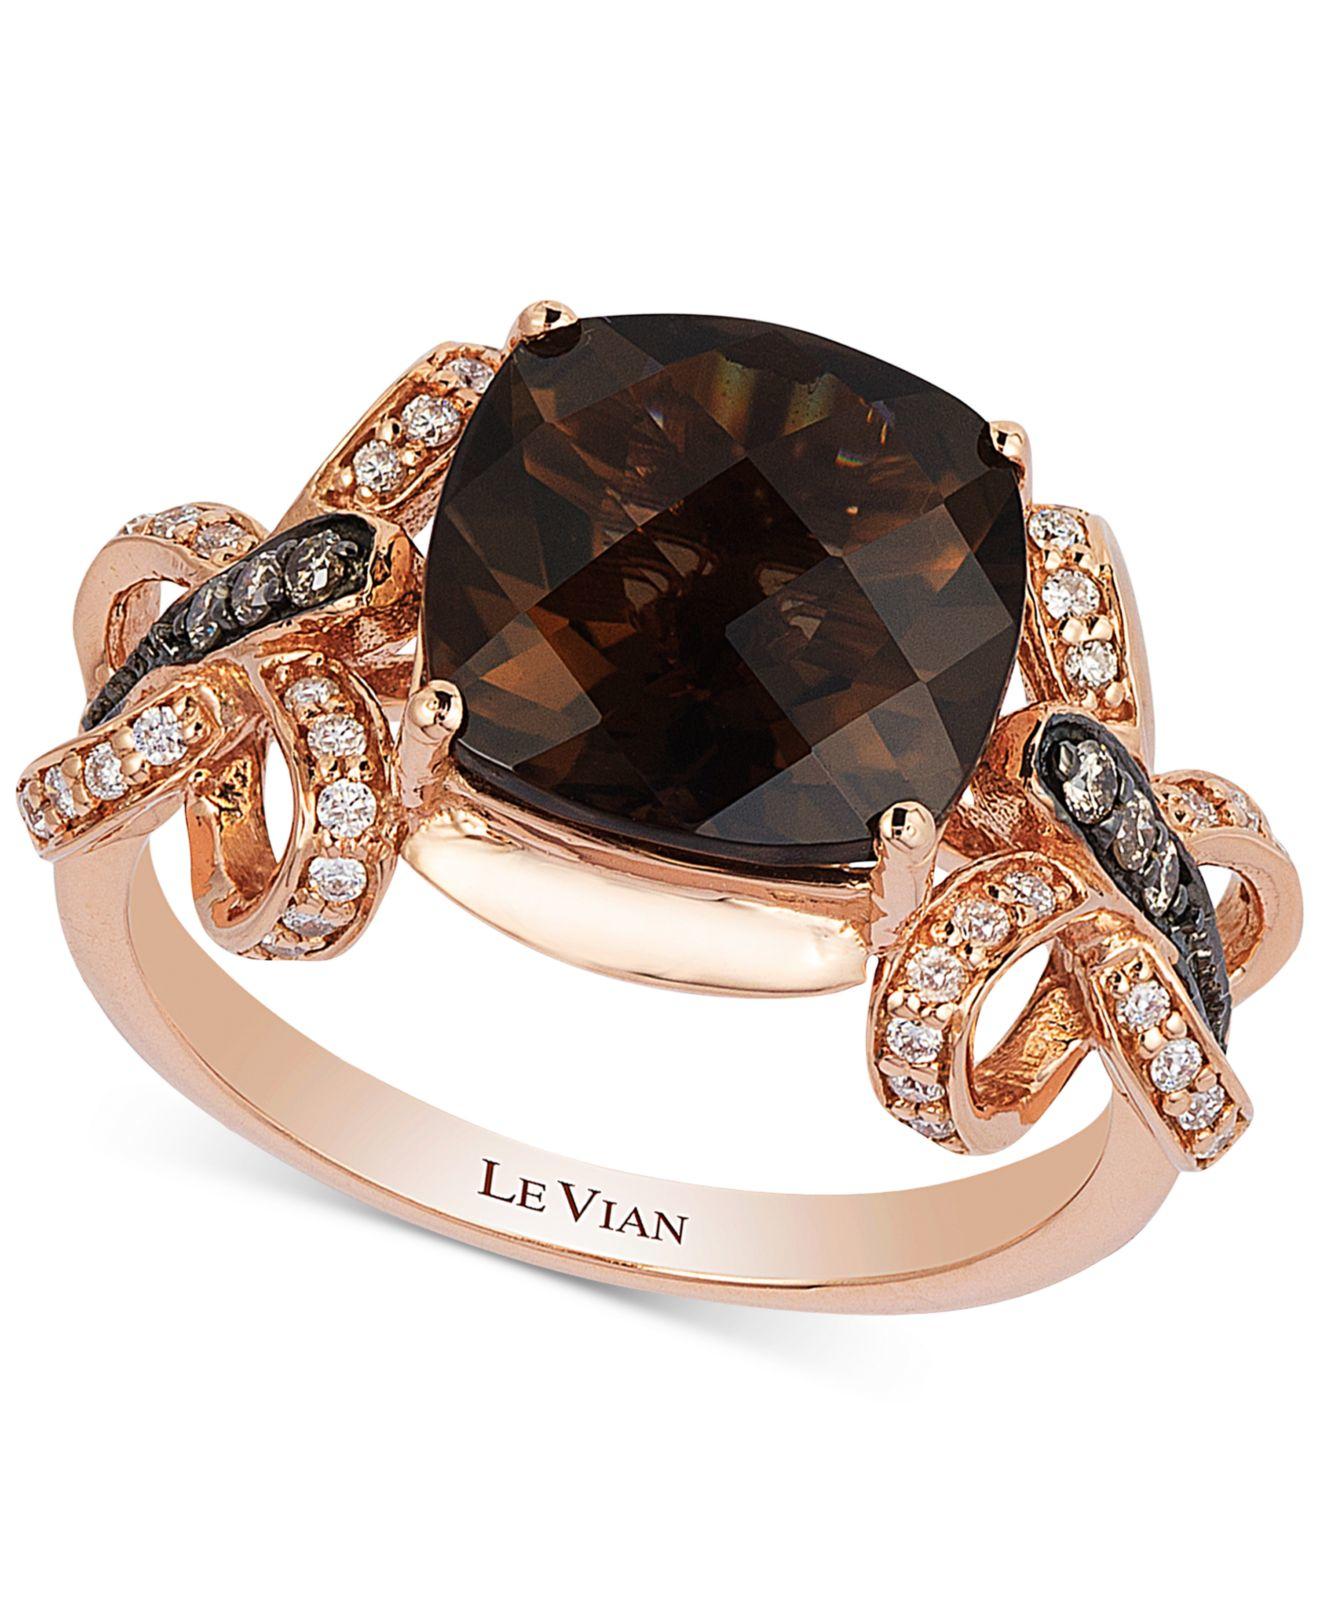 Smoky Quartz Chocolate Diamond Ring